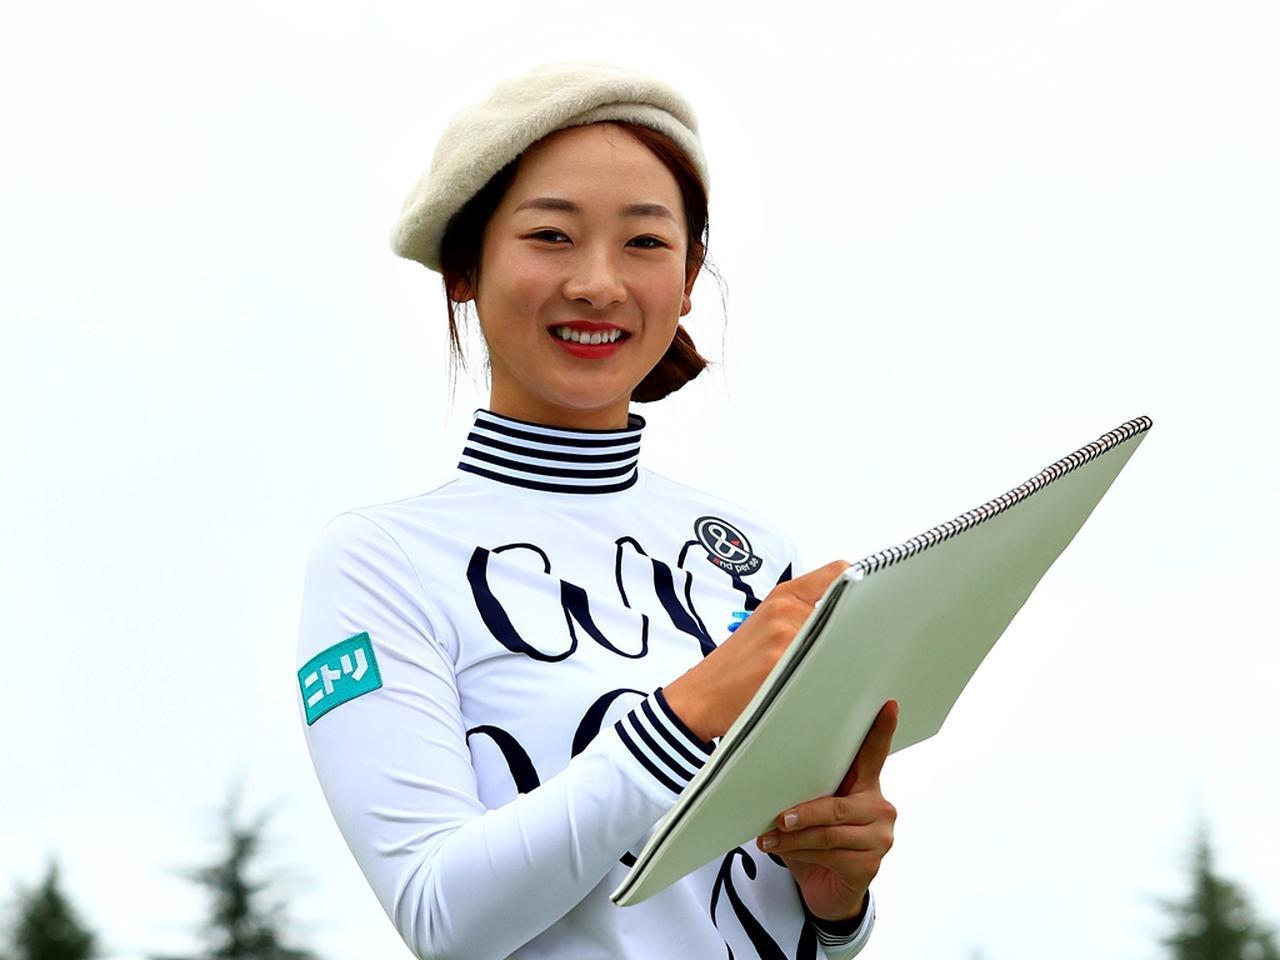 画像: 松田鈴英もベレー帽を被ってお絵描き。実はこの企画が生まれたのも「絵心には自信があるんです」という松田との会話が発端